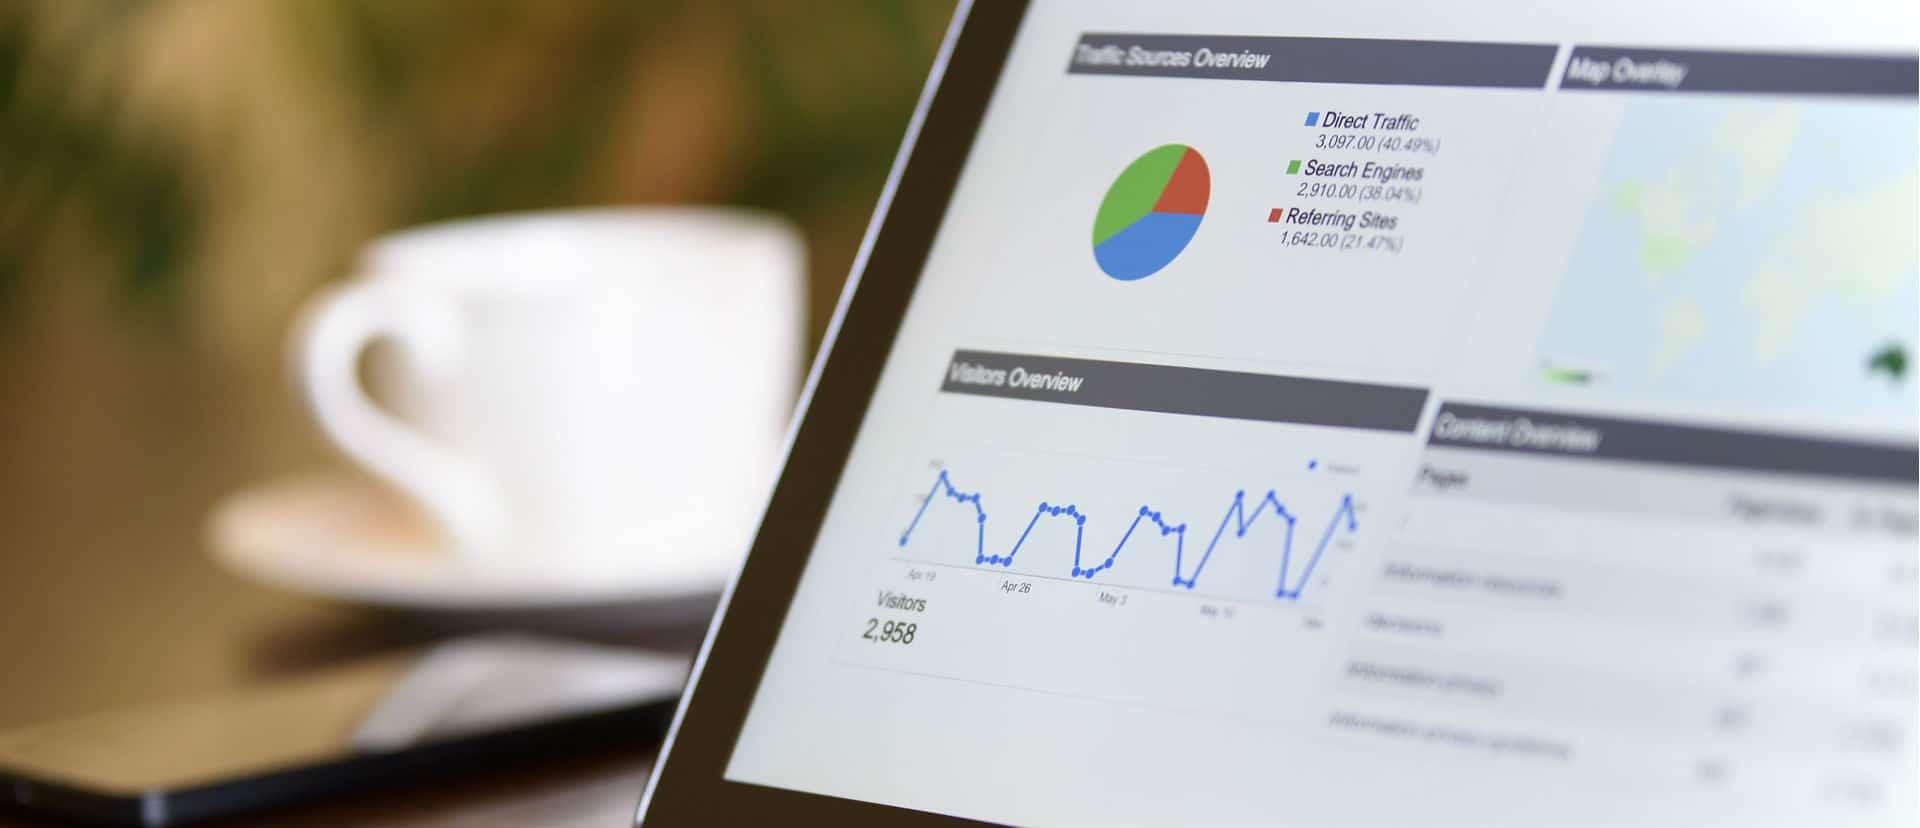 Comunicación y Big Data se alían en un evento organizado por La Publicidad